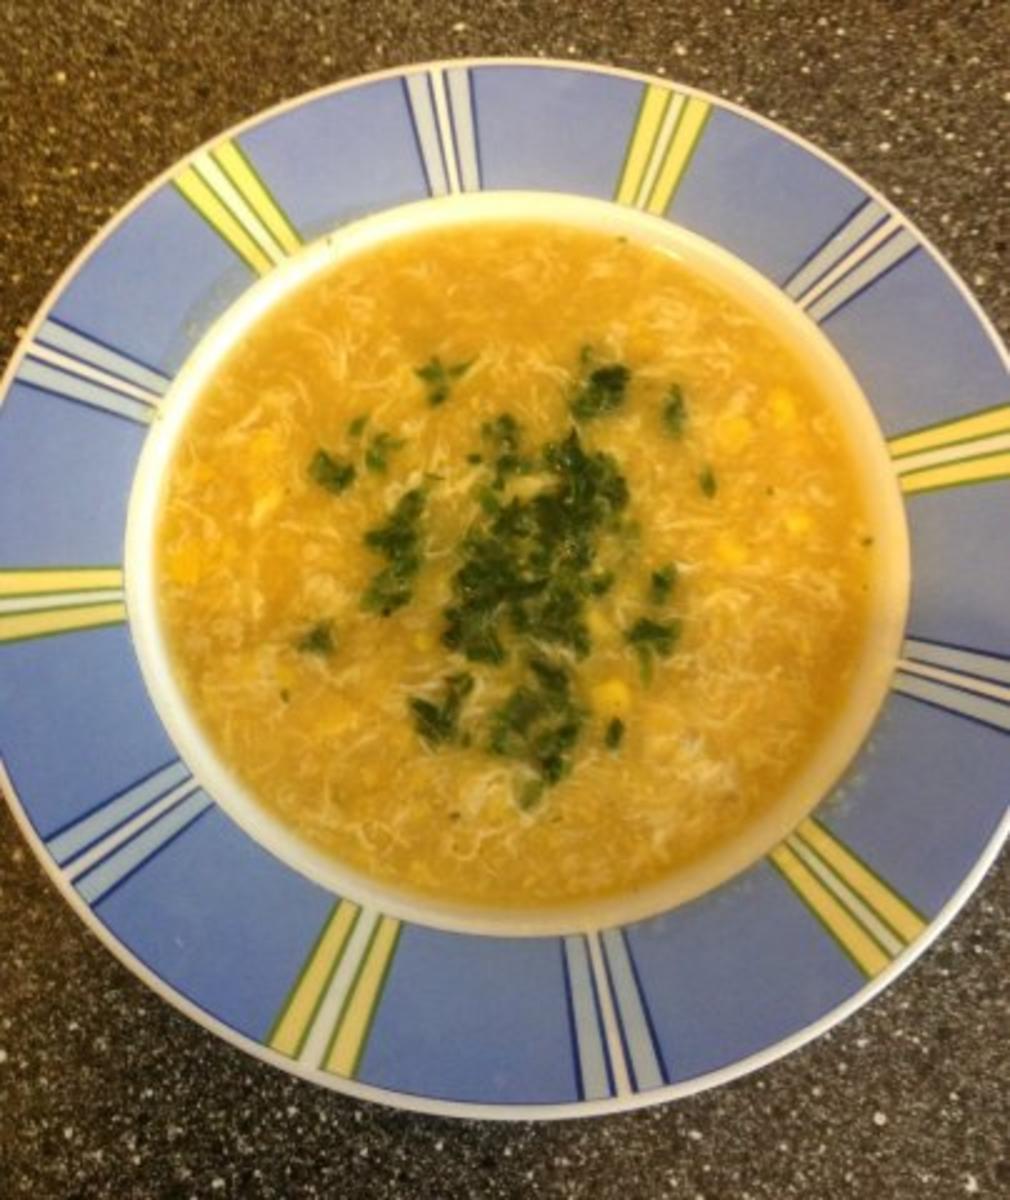 Maissuppe Asiatisch angehaucht - Rezept Von Einsendungen nannsi